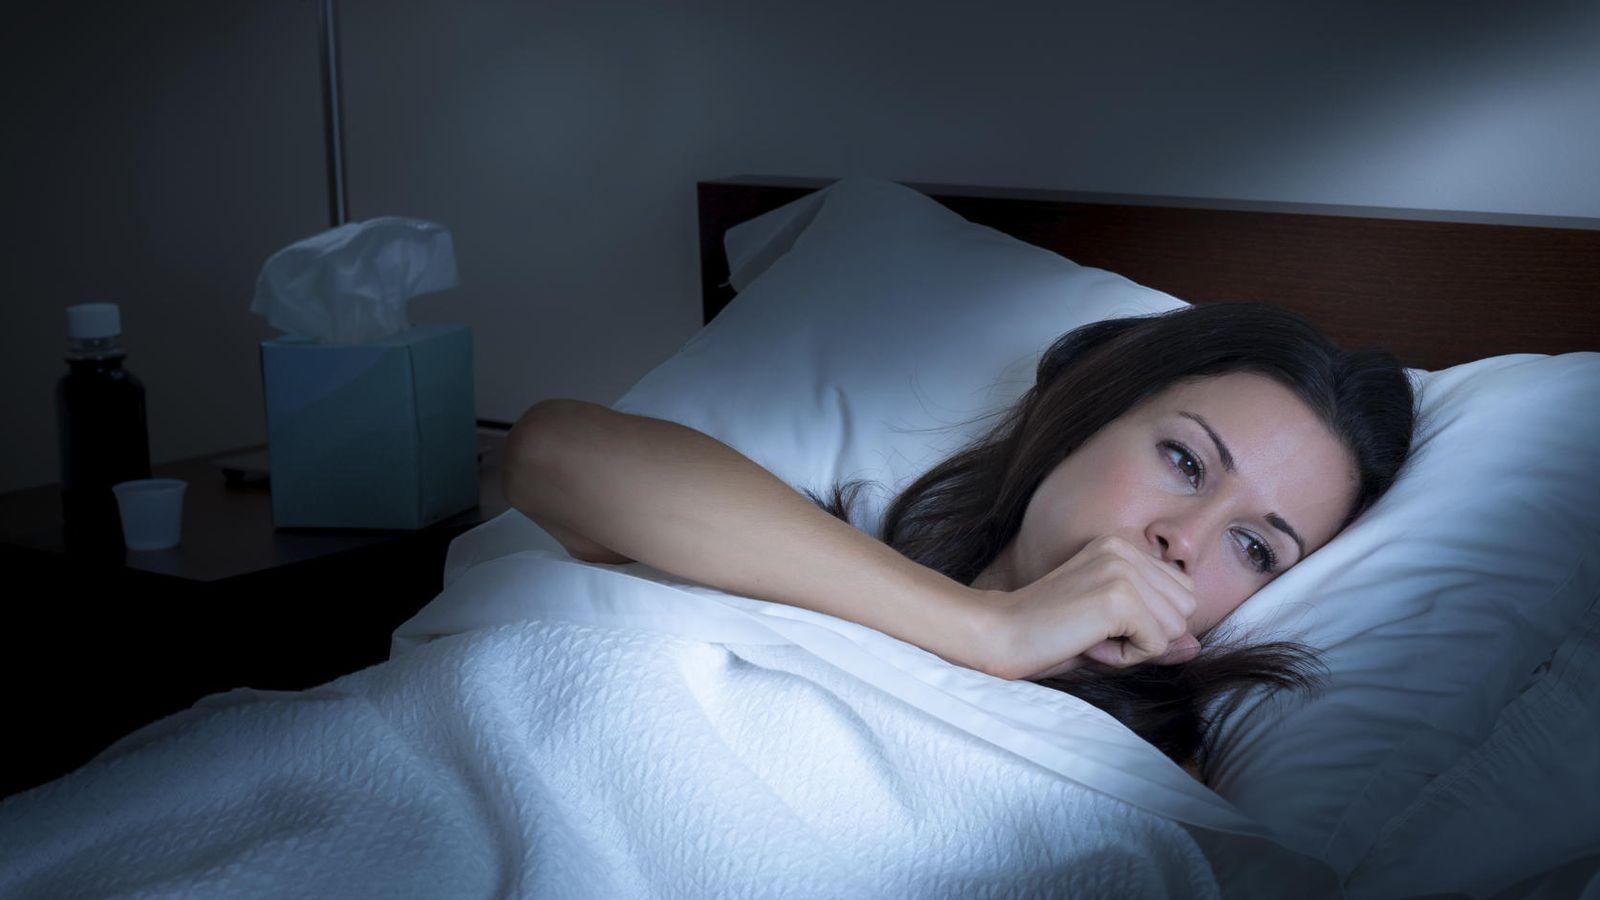 Salud Como Parar La Tos Por La Noche Sin Medicamentos Y Dormir A